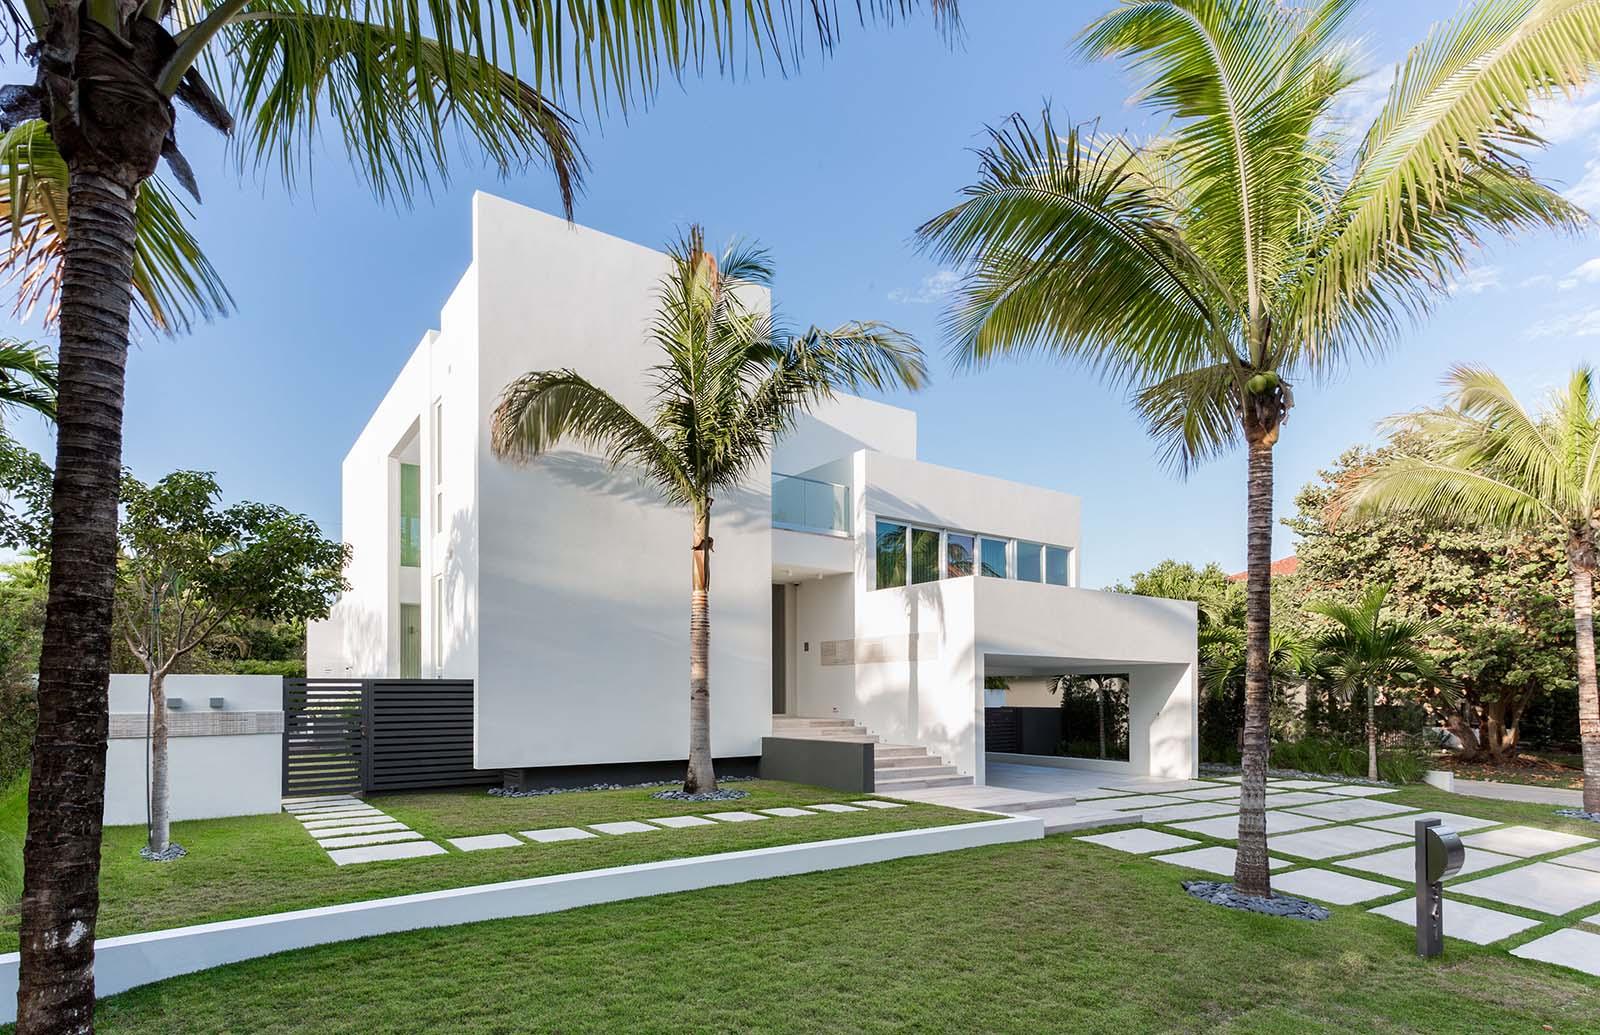 Villa RL, un'abitazione galleggiante a Miami